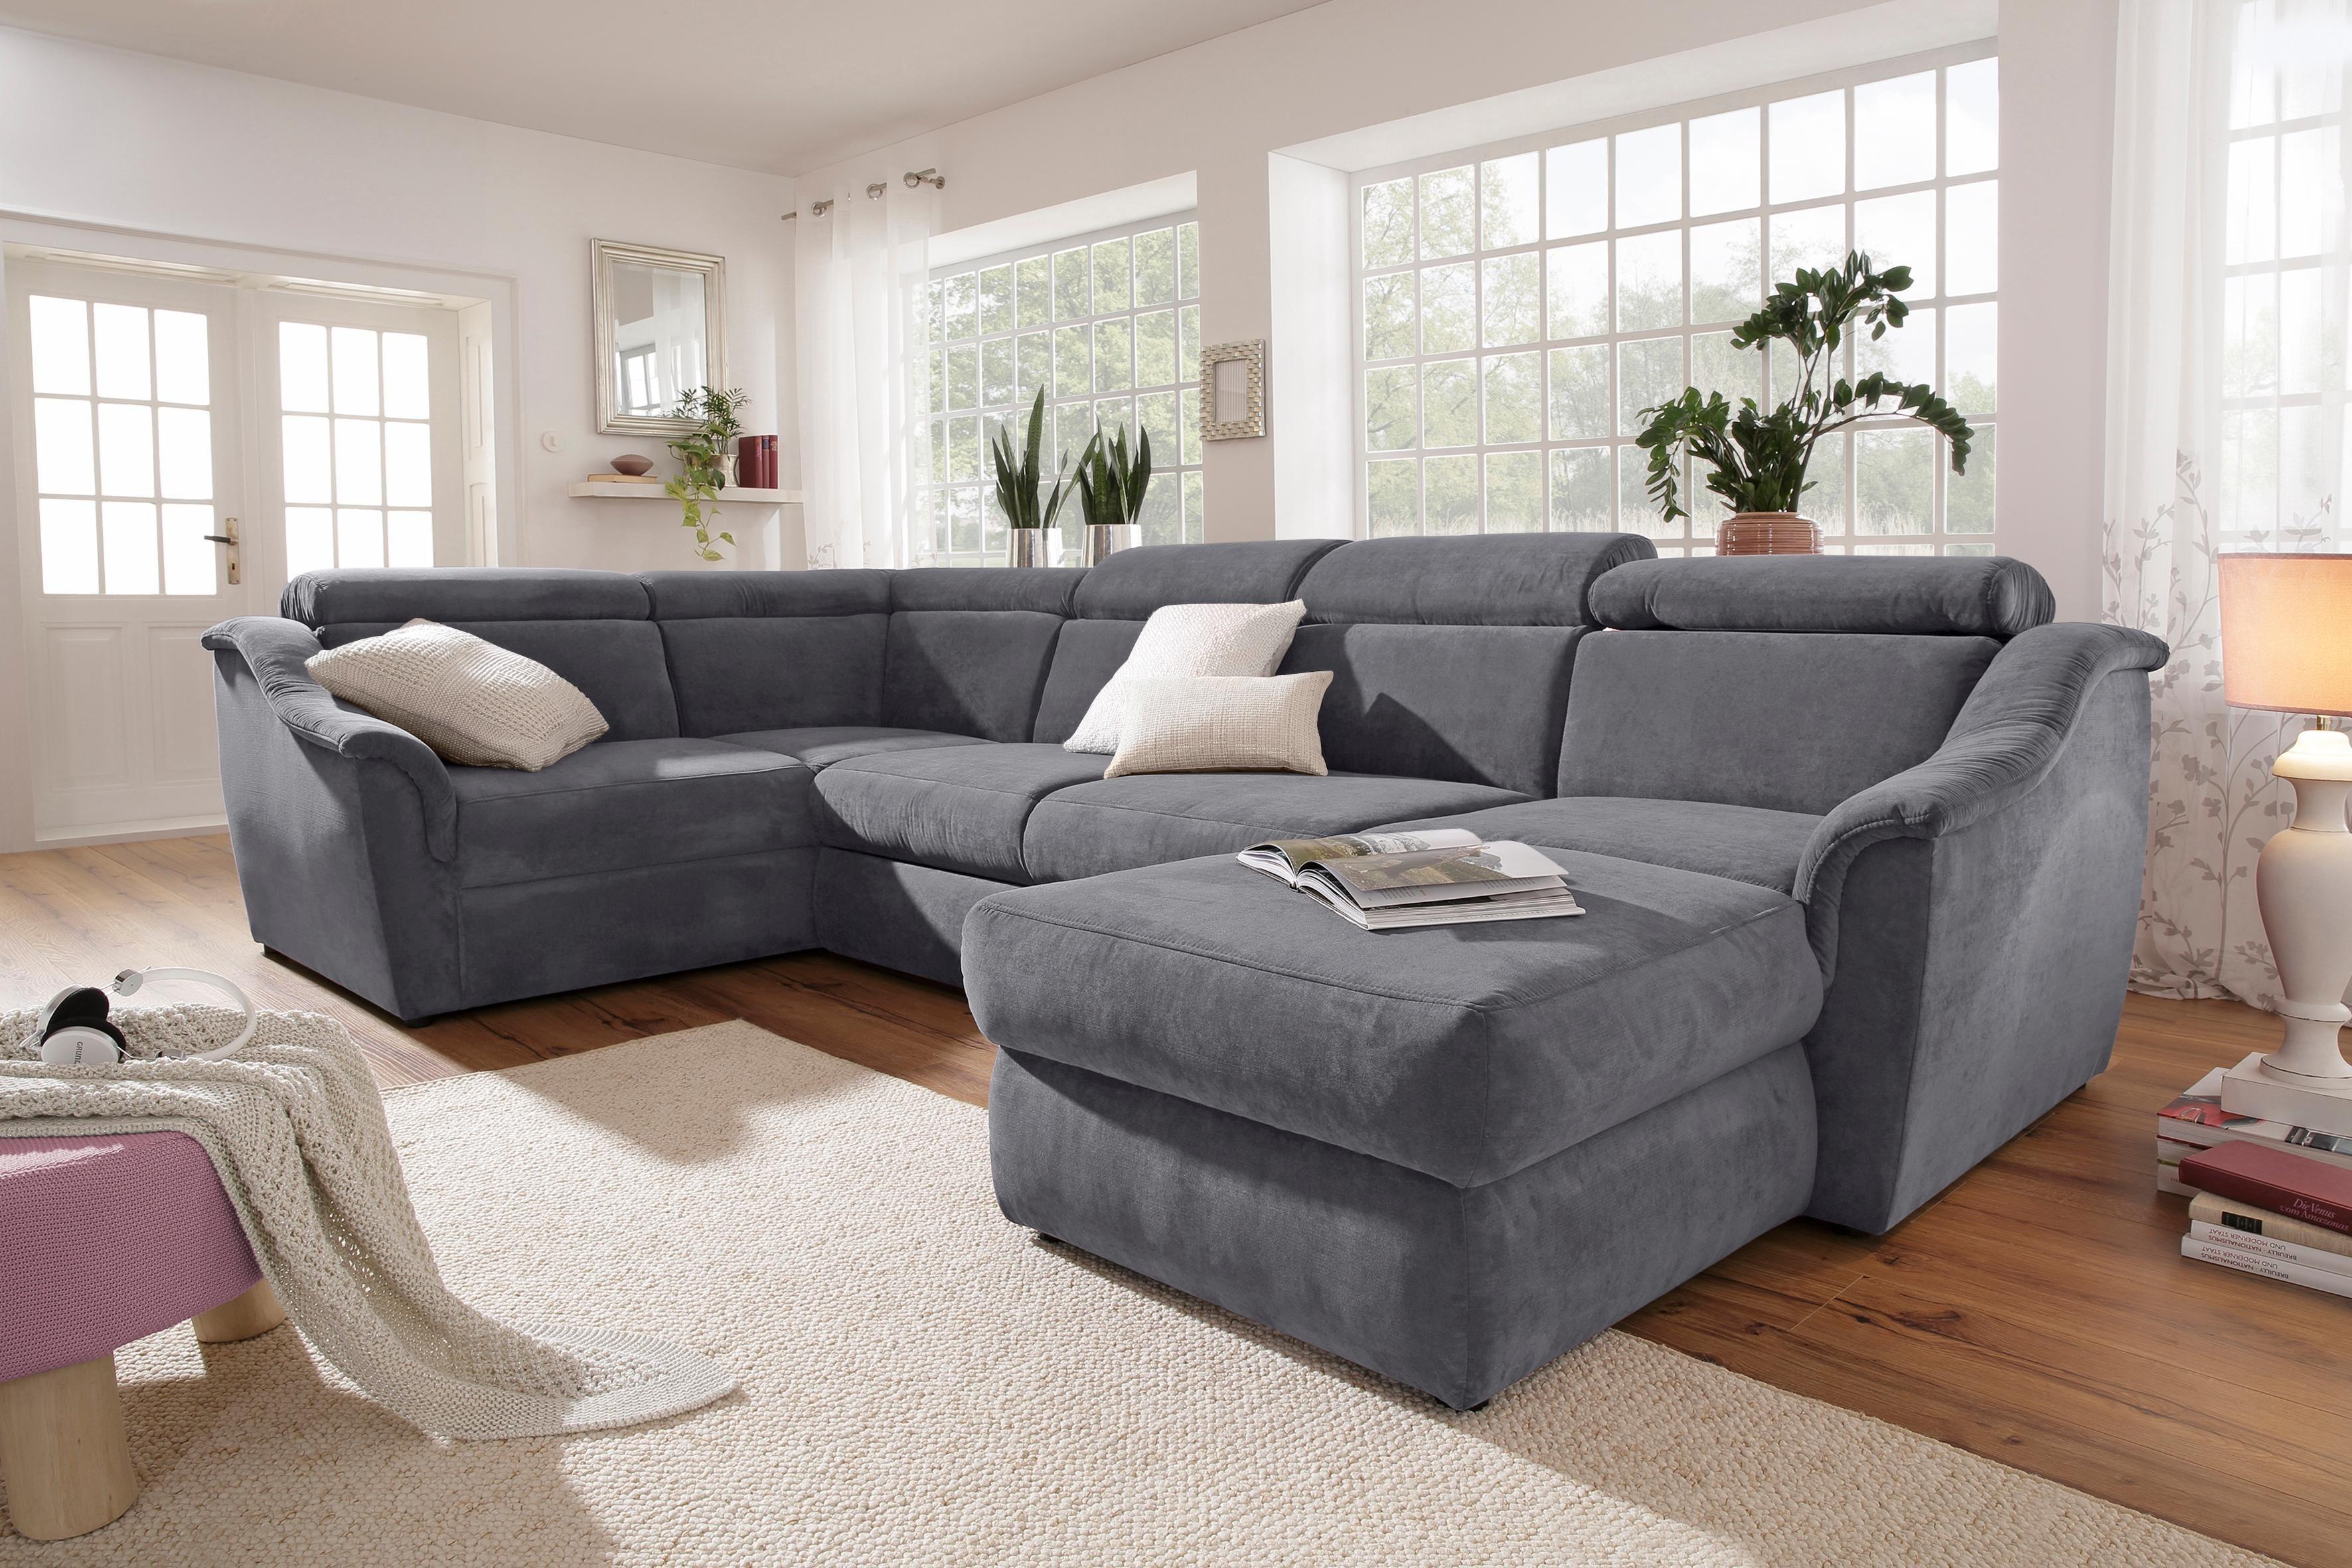 wohnzimmer sofas couches online kaufen m bel suchmaschine